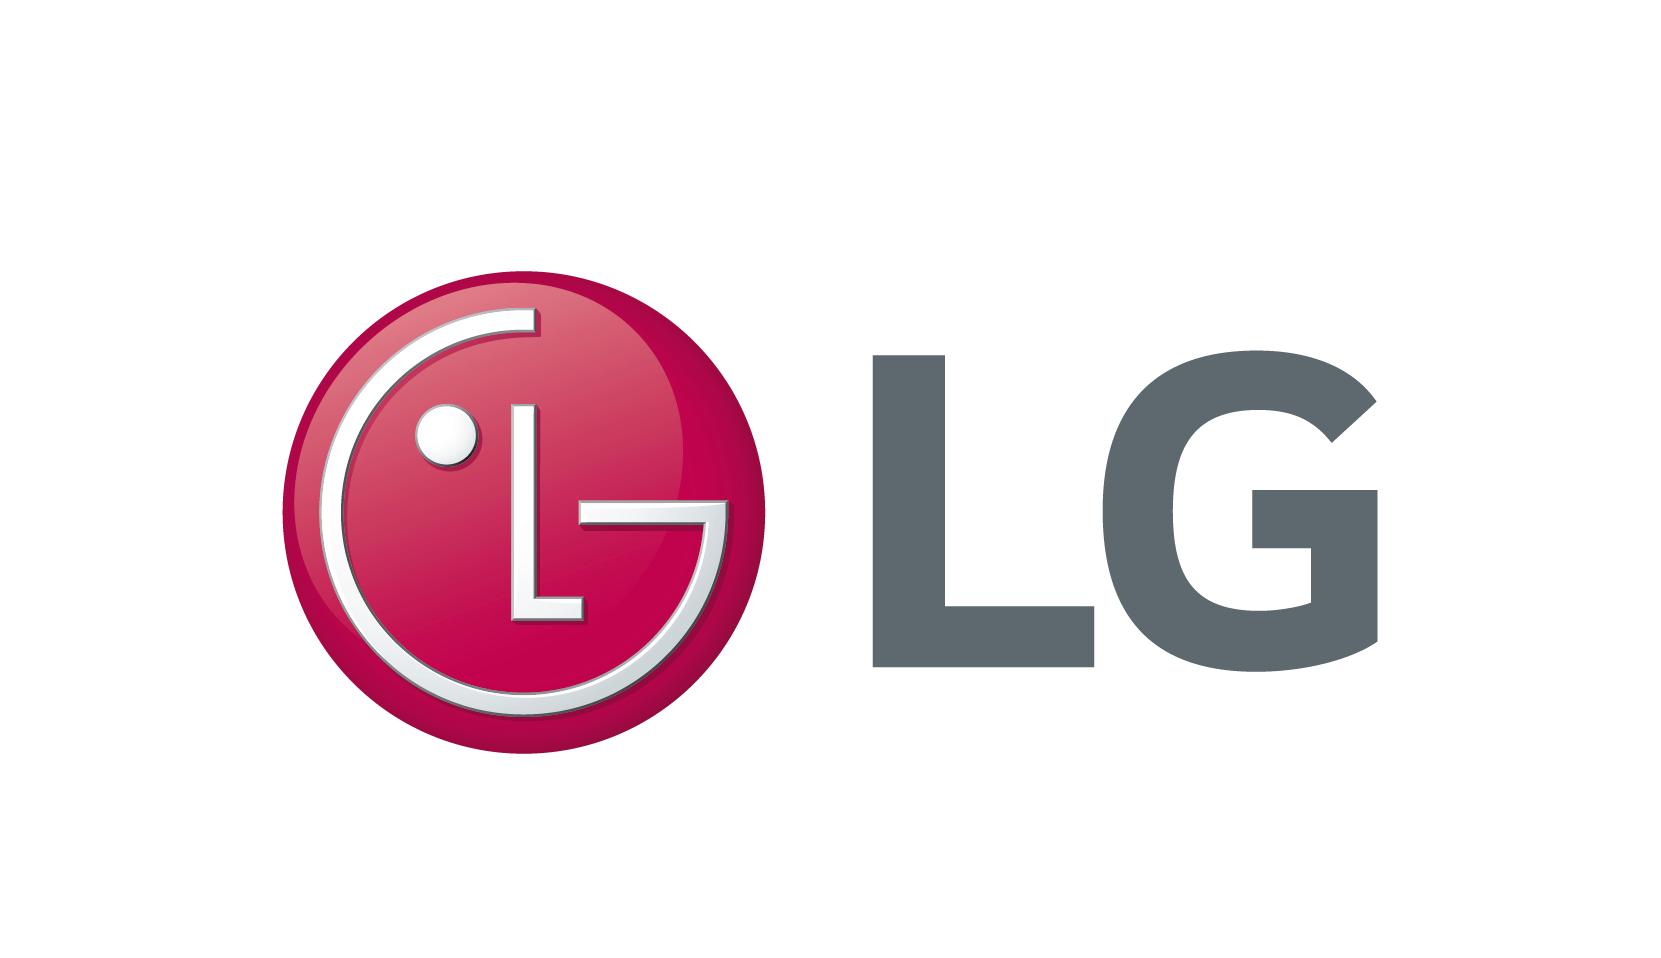 Dobre wyniki finansowe LG za drugi kwartał 2017 - przychody firmy rosną